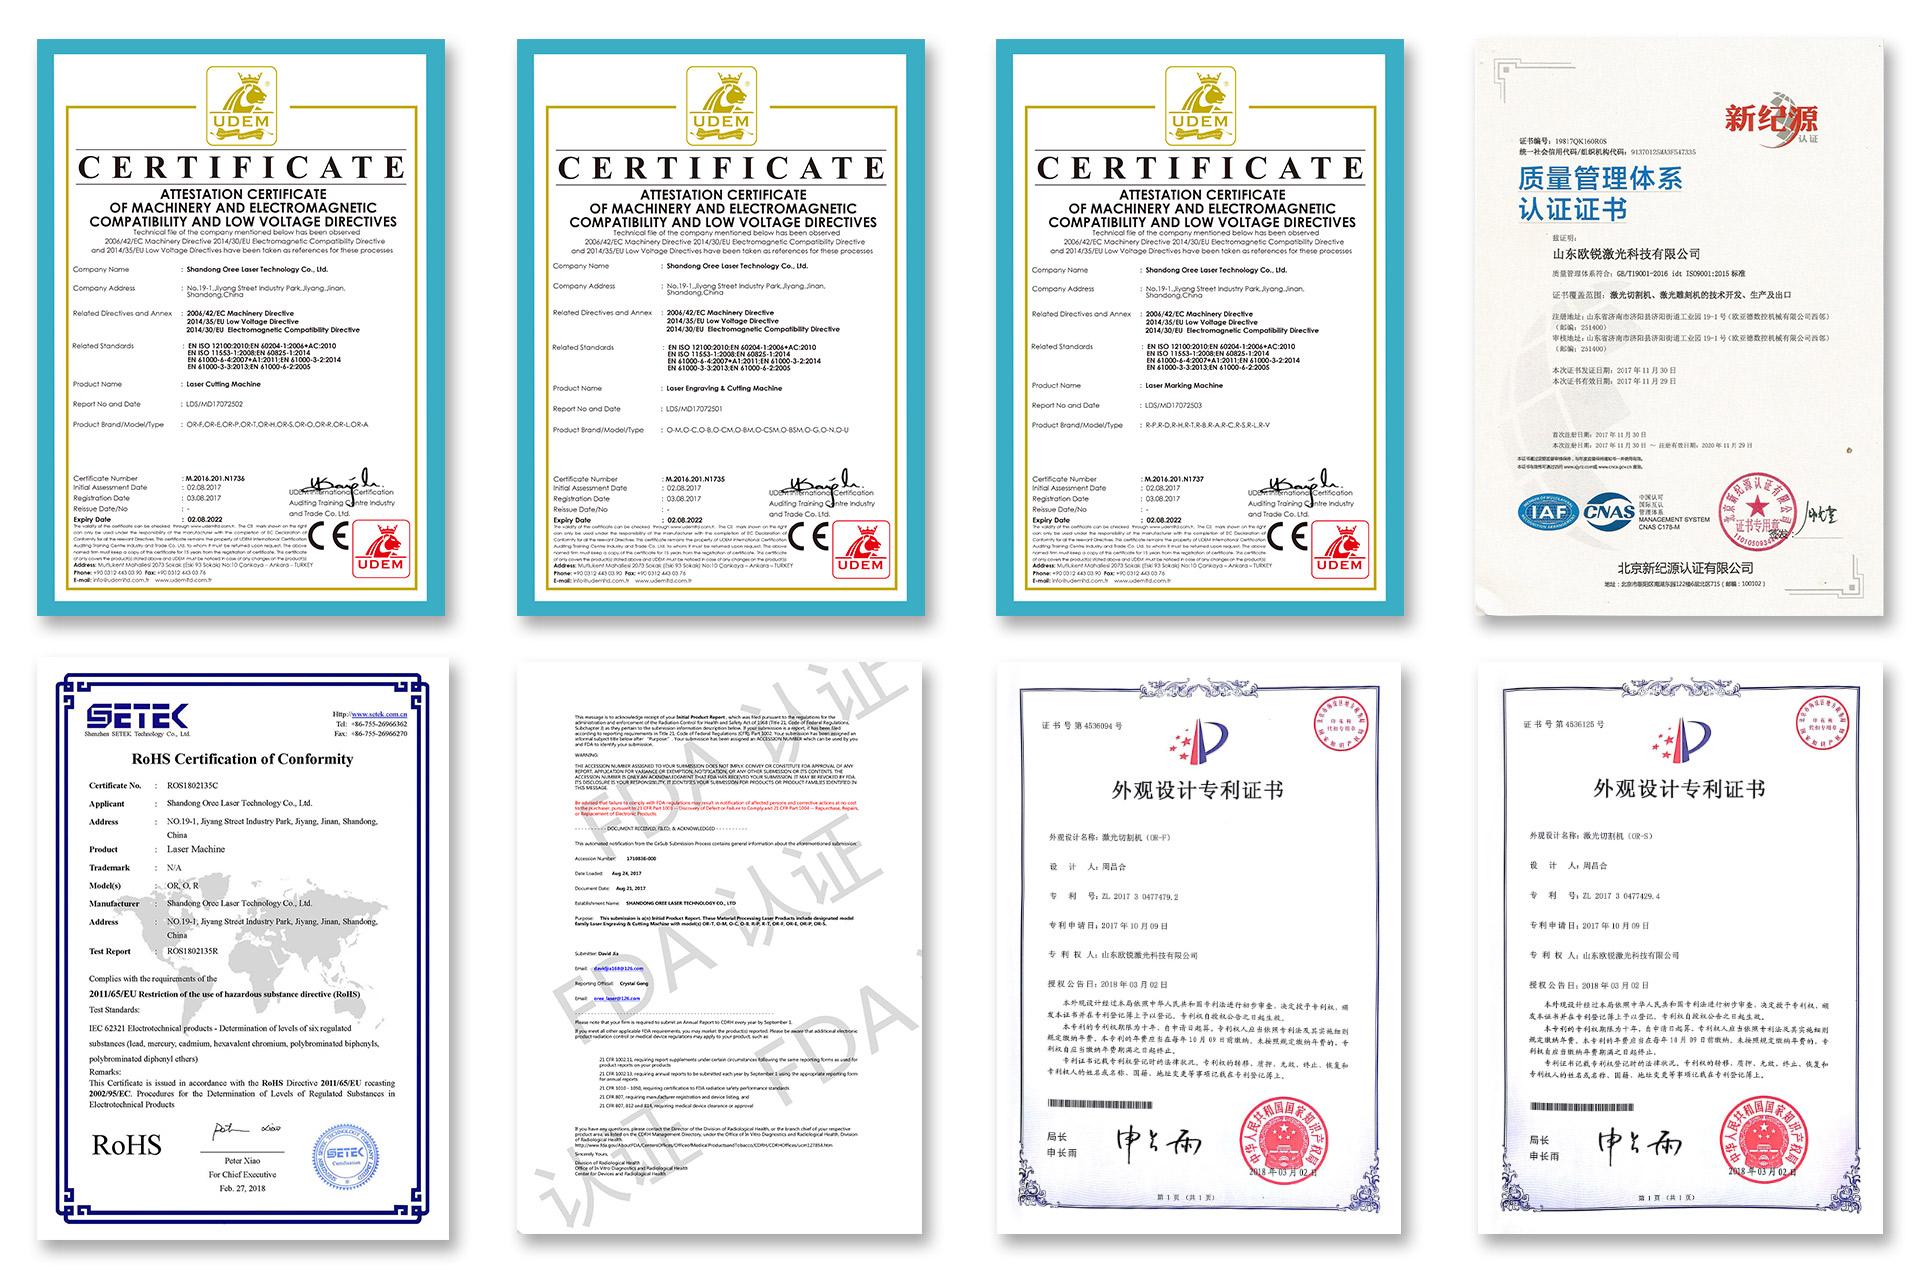 品质证书拼接图.jpg